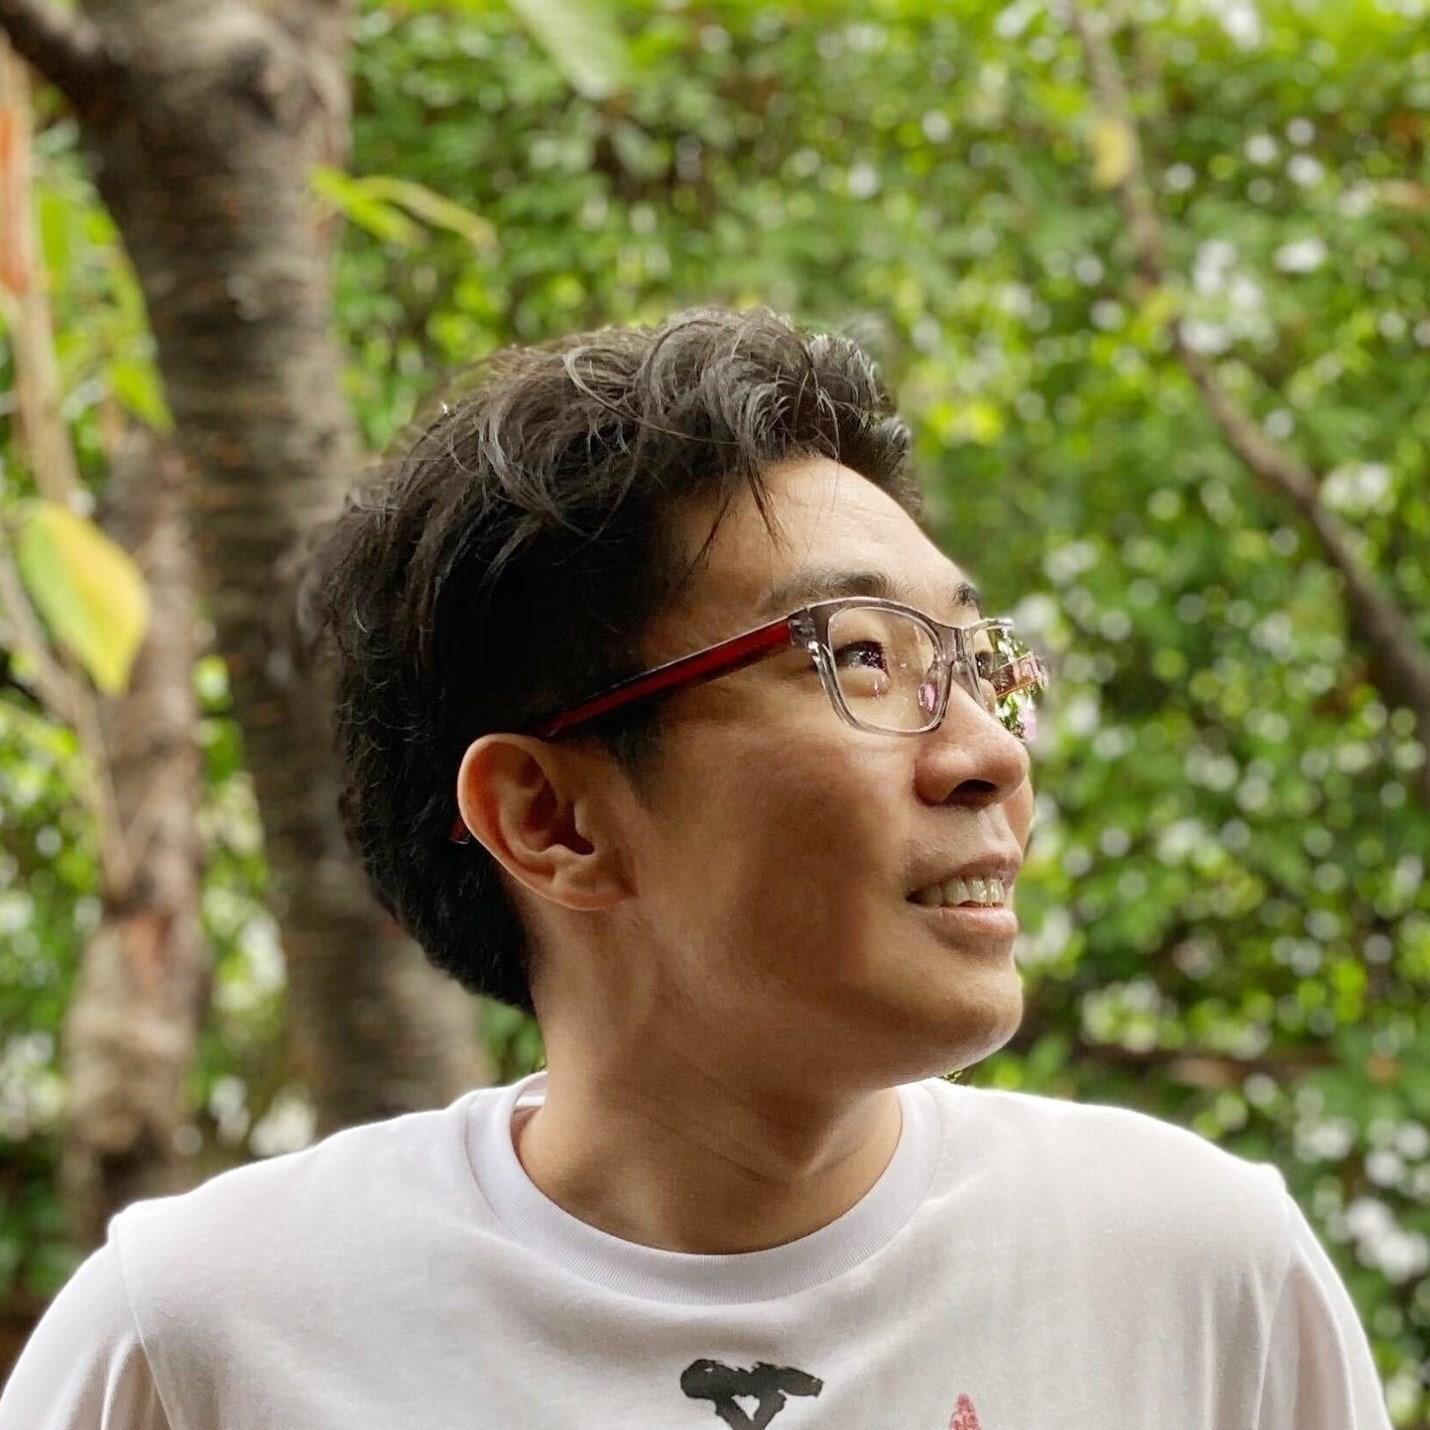 グリーンズベジタリアン 運営元グリーンカルチャー代表取締役 金田郷史(かねださとし)